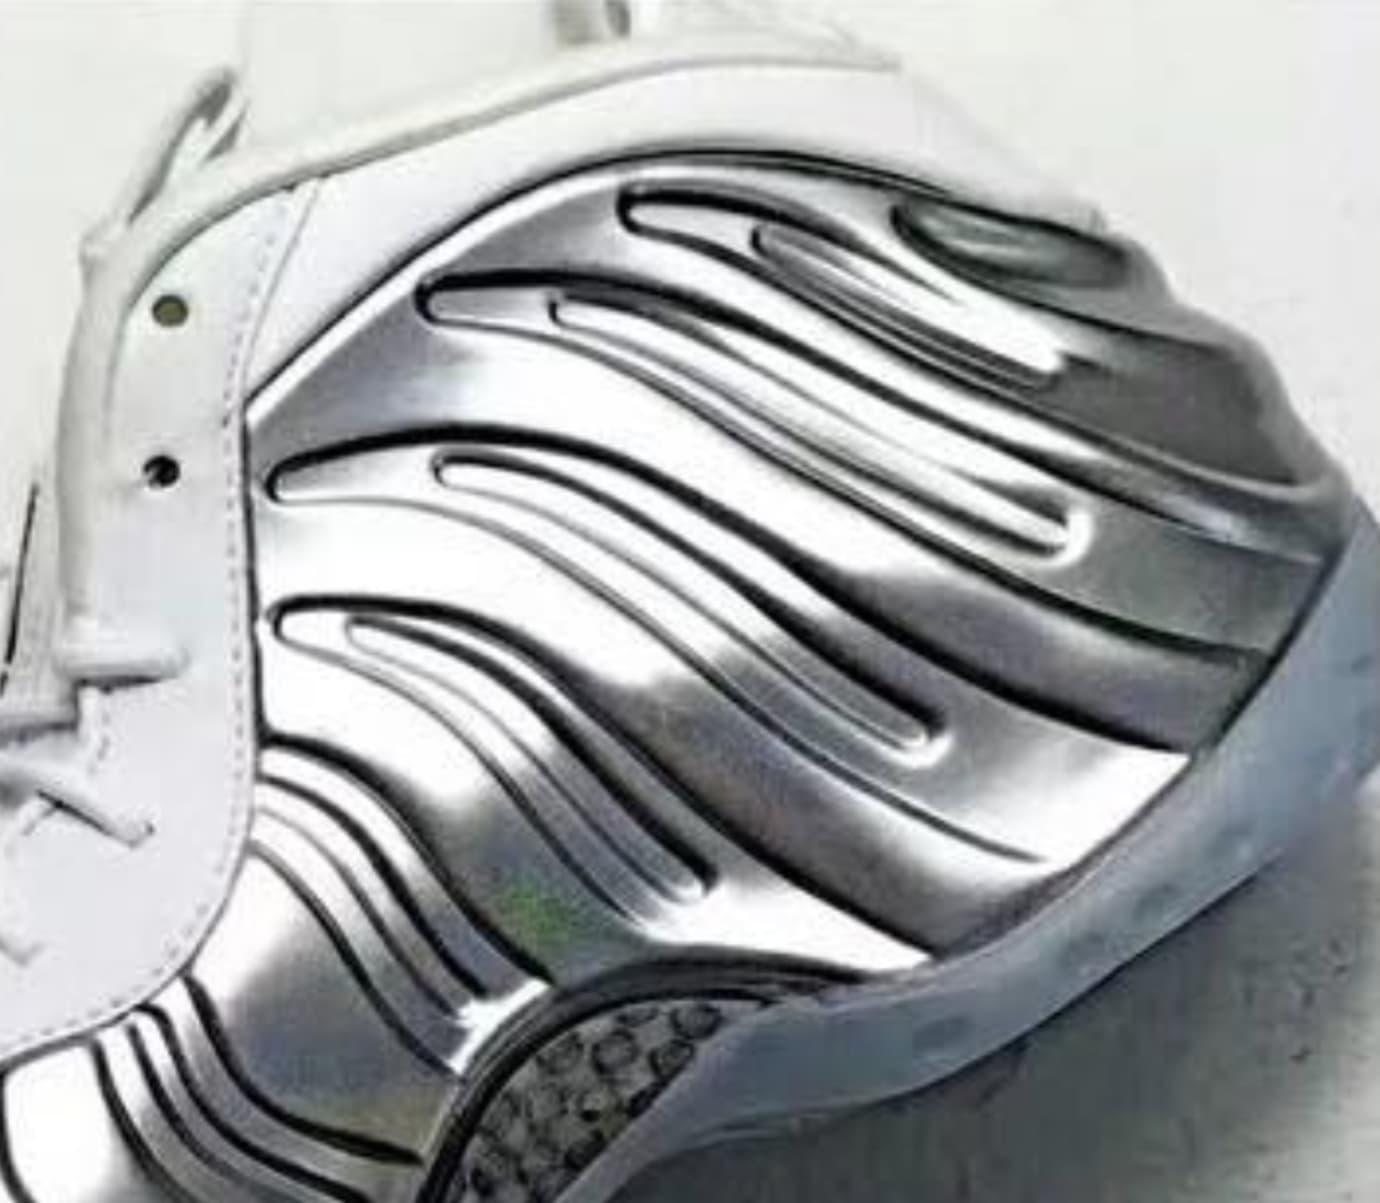 Nike Air Foamposite One WMNS 'Chrome' (Detail)